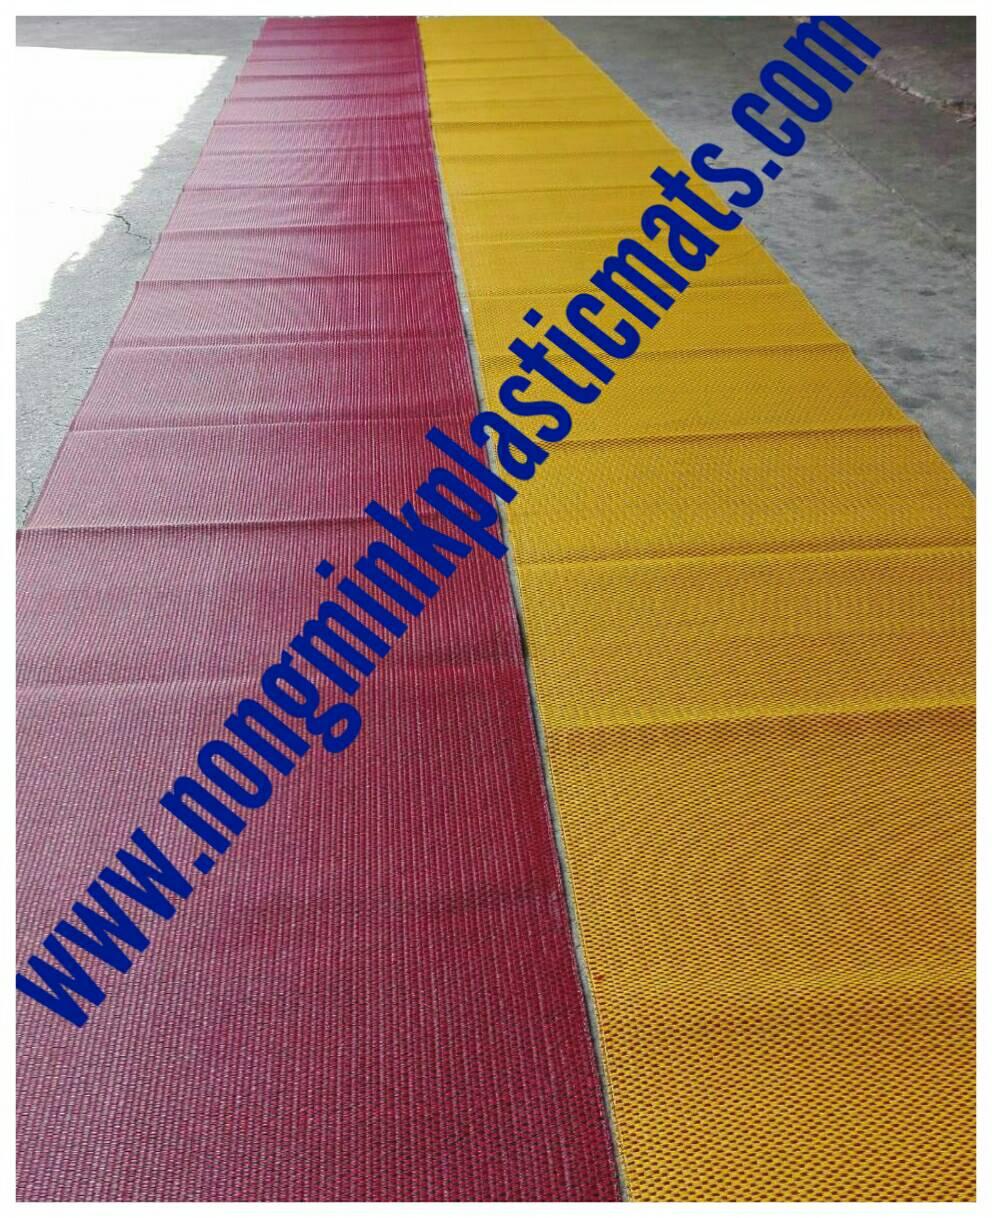 เสื่อพลาสติกถวายวัด ลายกระจับดำแดง ขนาดกว้าง 90cm.xยาว8m.กุ้นขอบผ้า